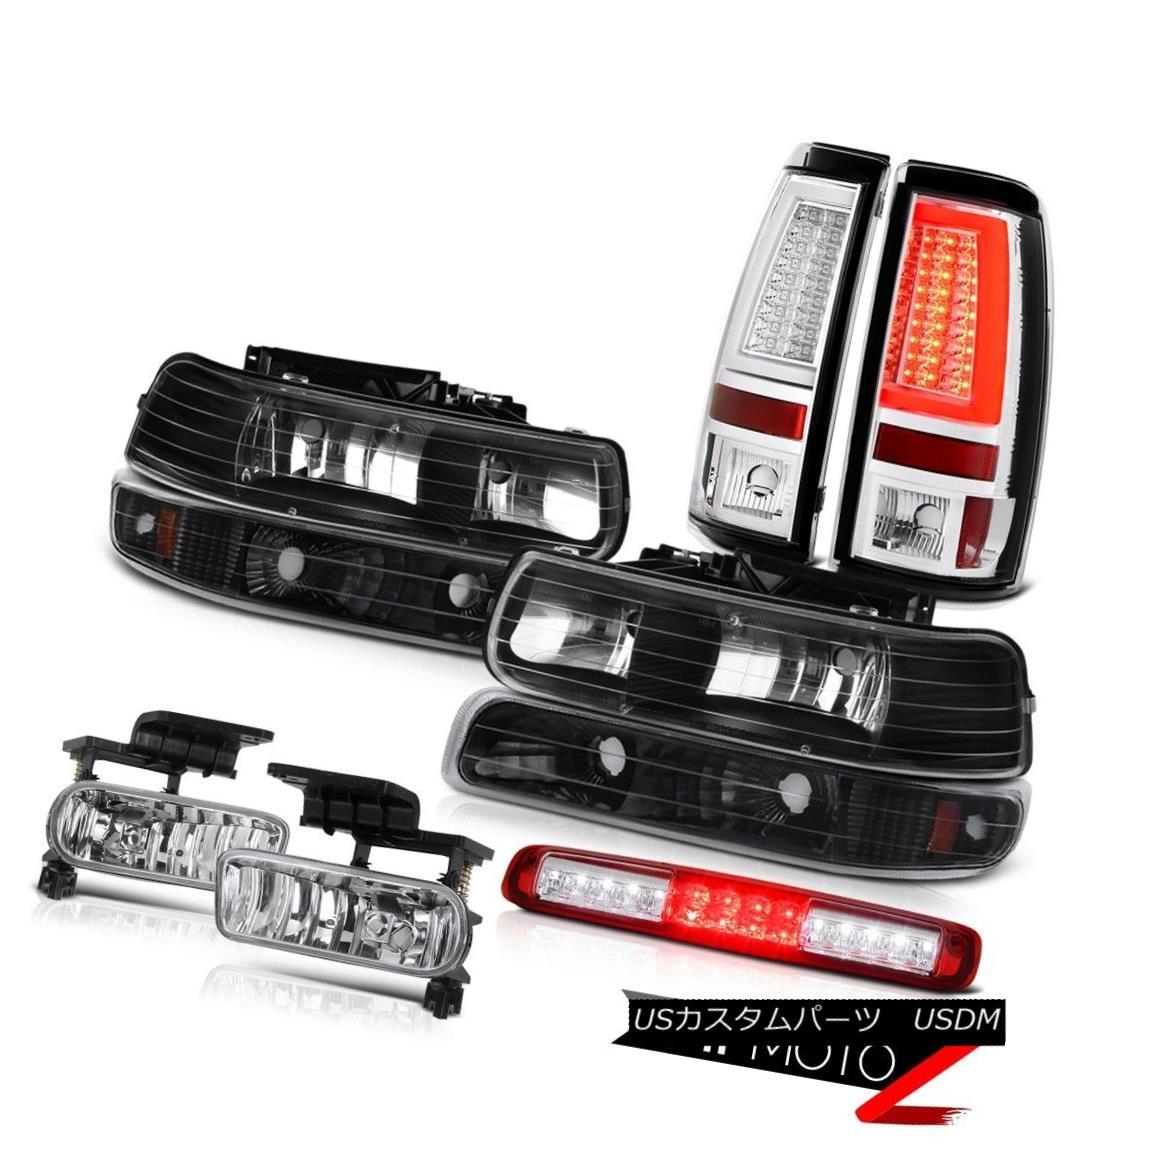 テールライト 99-02 Silverado 4.3L Tail Lamps 3rd Brake Lamp Fog Signal Light